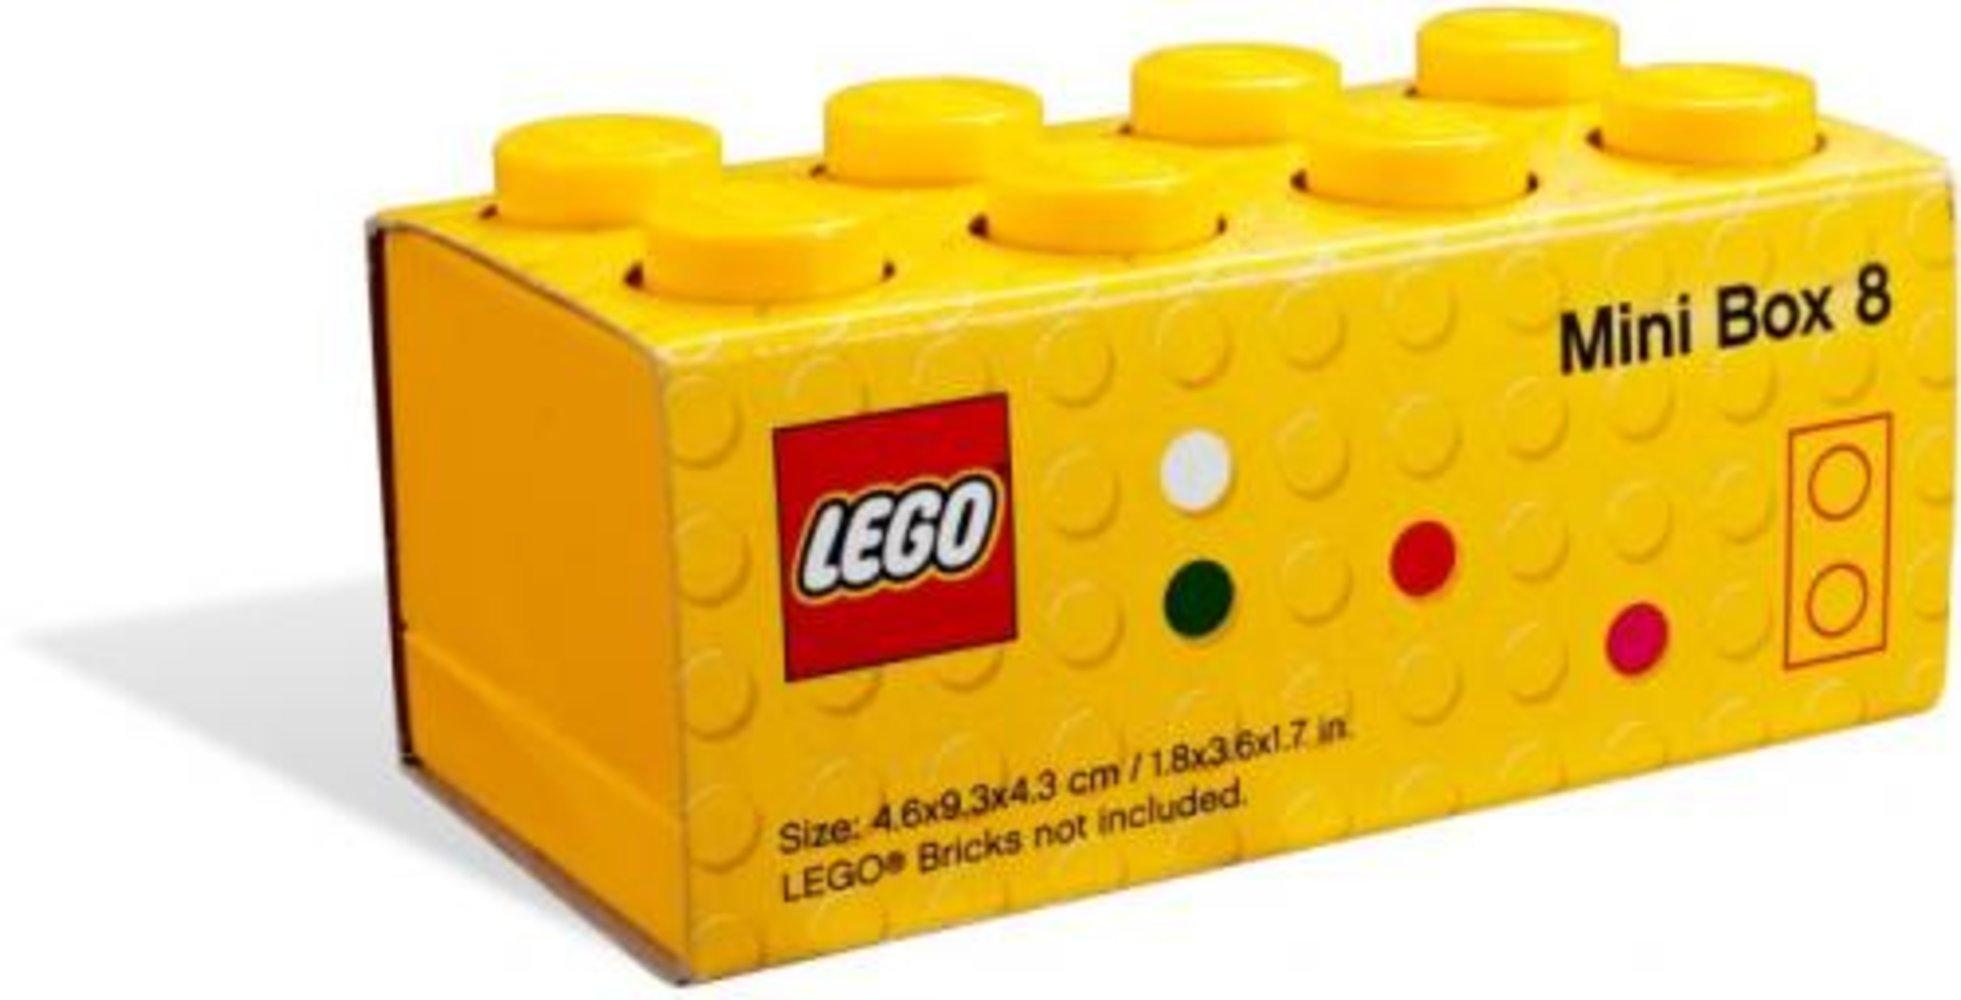 LEGO Mini Box (Yellow)